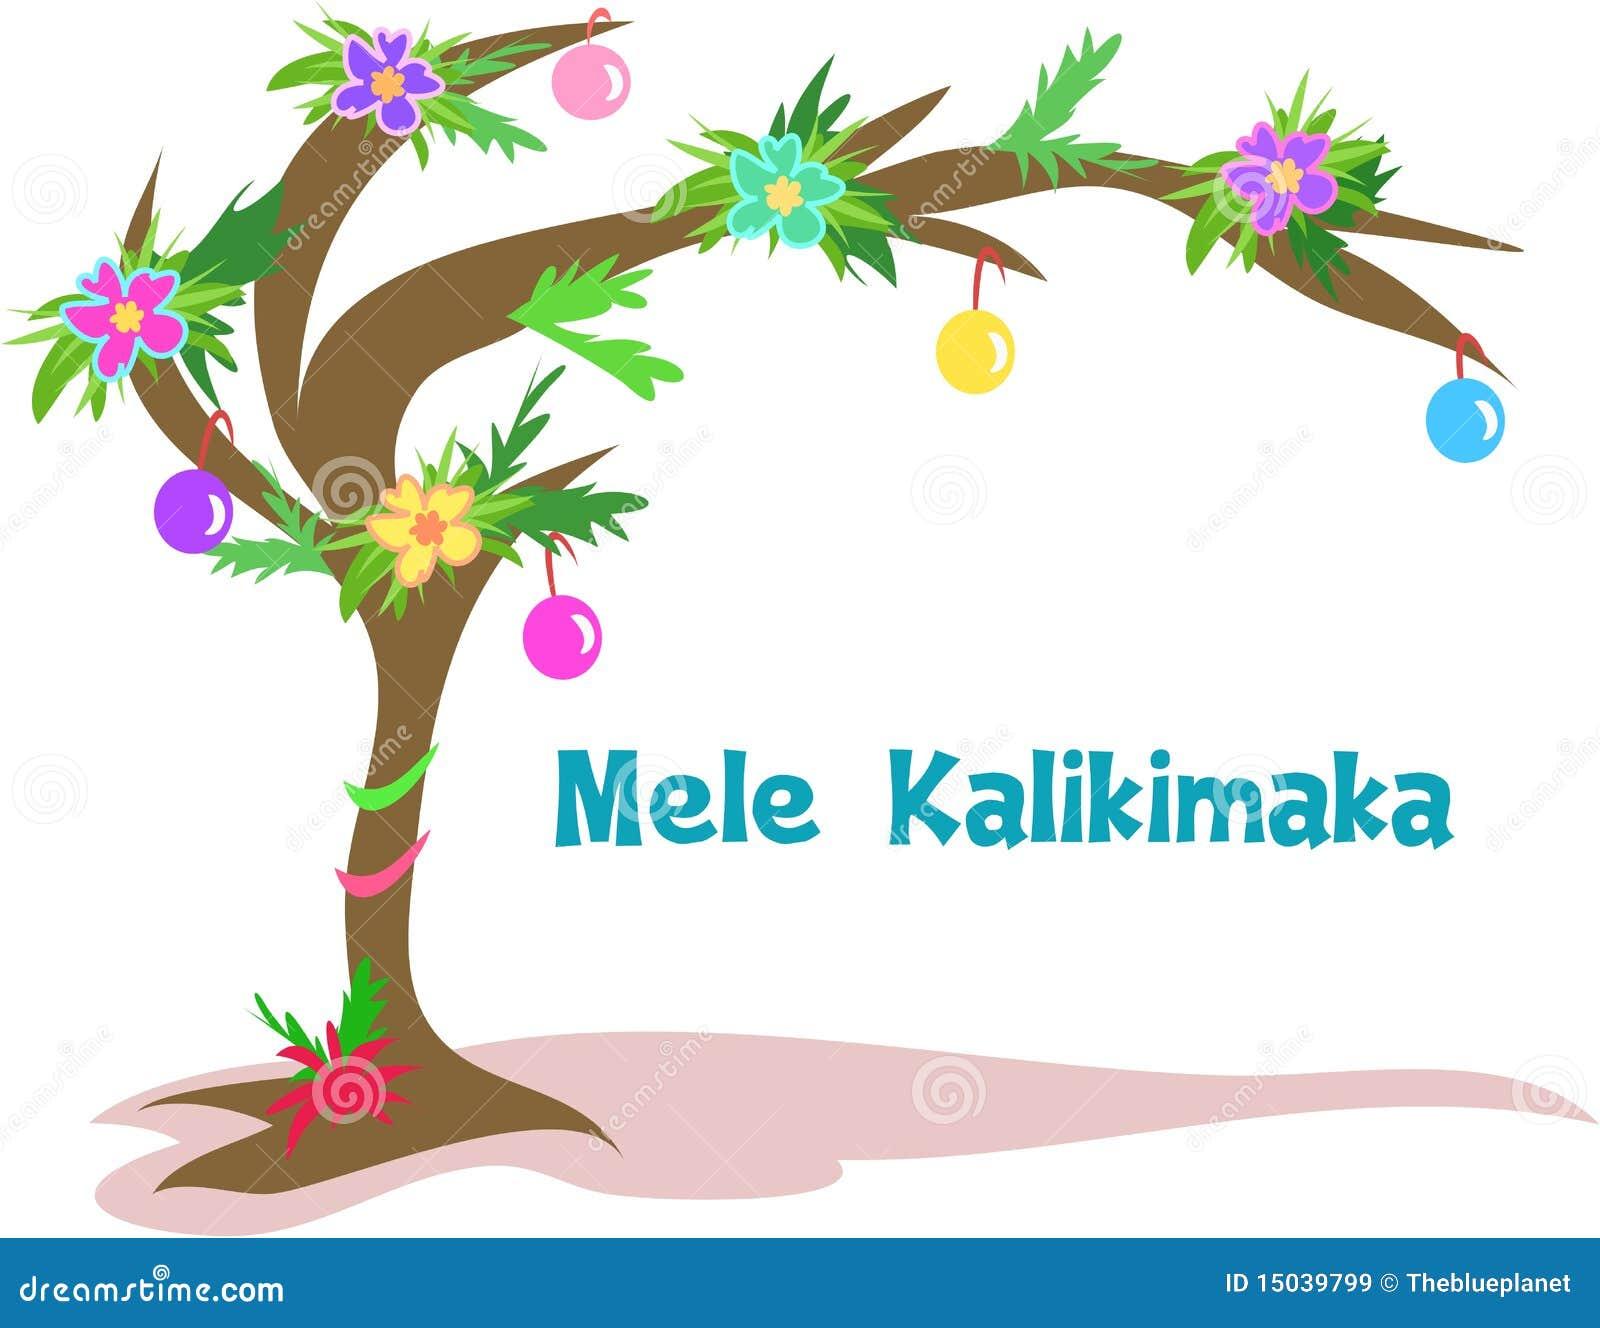 Hawaiian Christmas Tree Stock Vector Illustration Of Hawaii 15039799